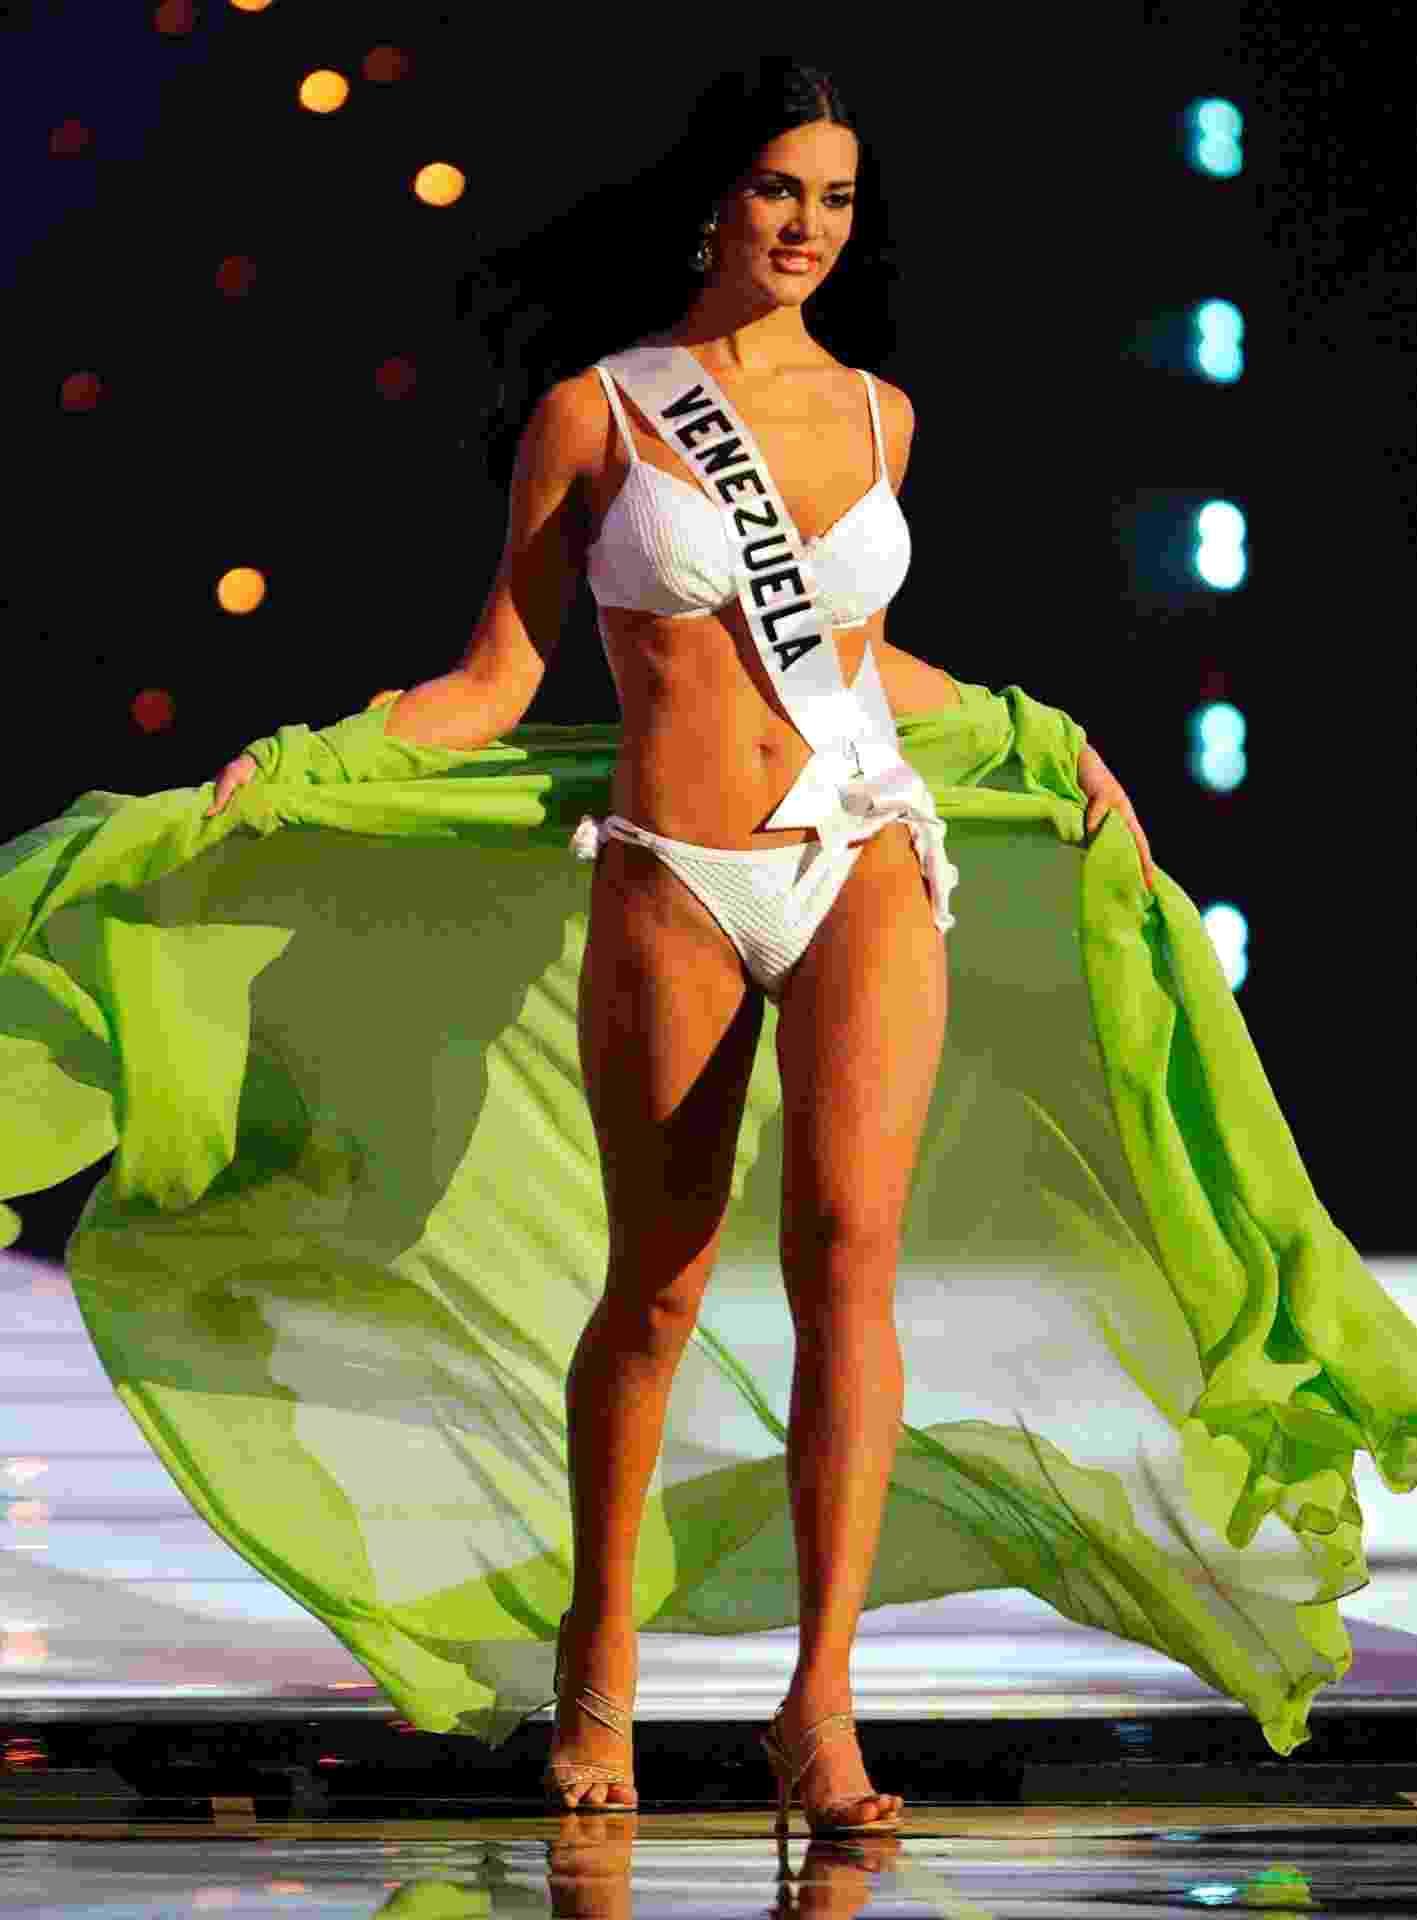 8.jan.2014 - Imagem de arquivo de maio de 2005 mostra a então miss Venezuela Mónica Spear durante desfile do Miss Universo 2005, em Bancoc (Tailândia). A ex-miss morreu ao lado do marido durante tentativa de assalto em Caracas, na Venezuela, segundo a mídia local. A filha do casal, de 5 anos, ficou ferida - Adrees Latif/Reuters